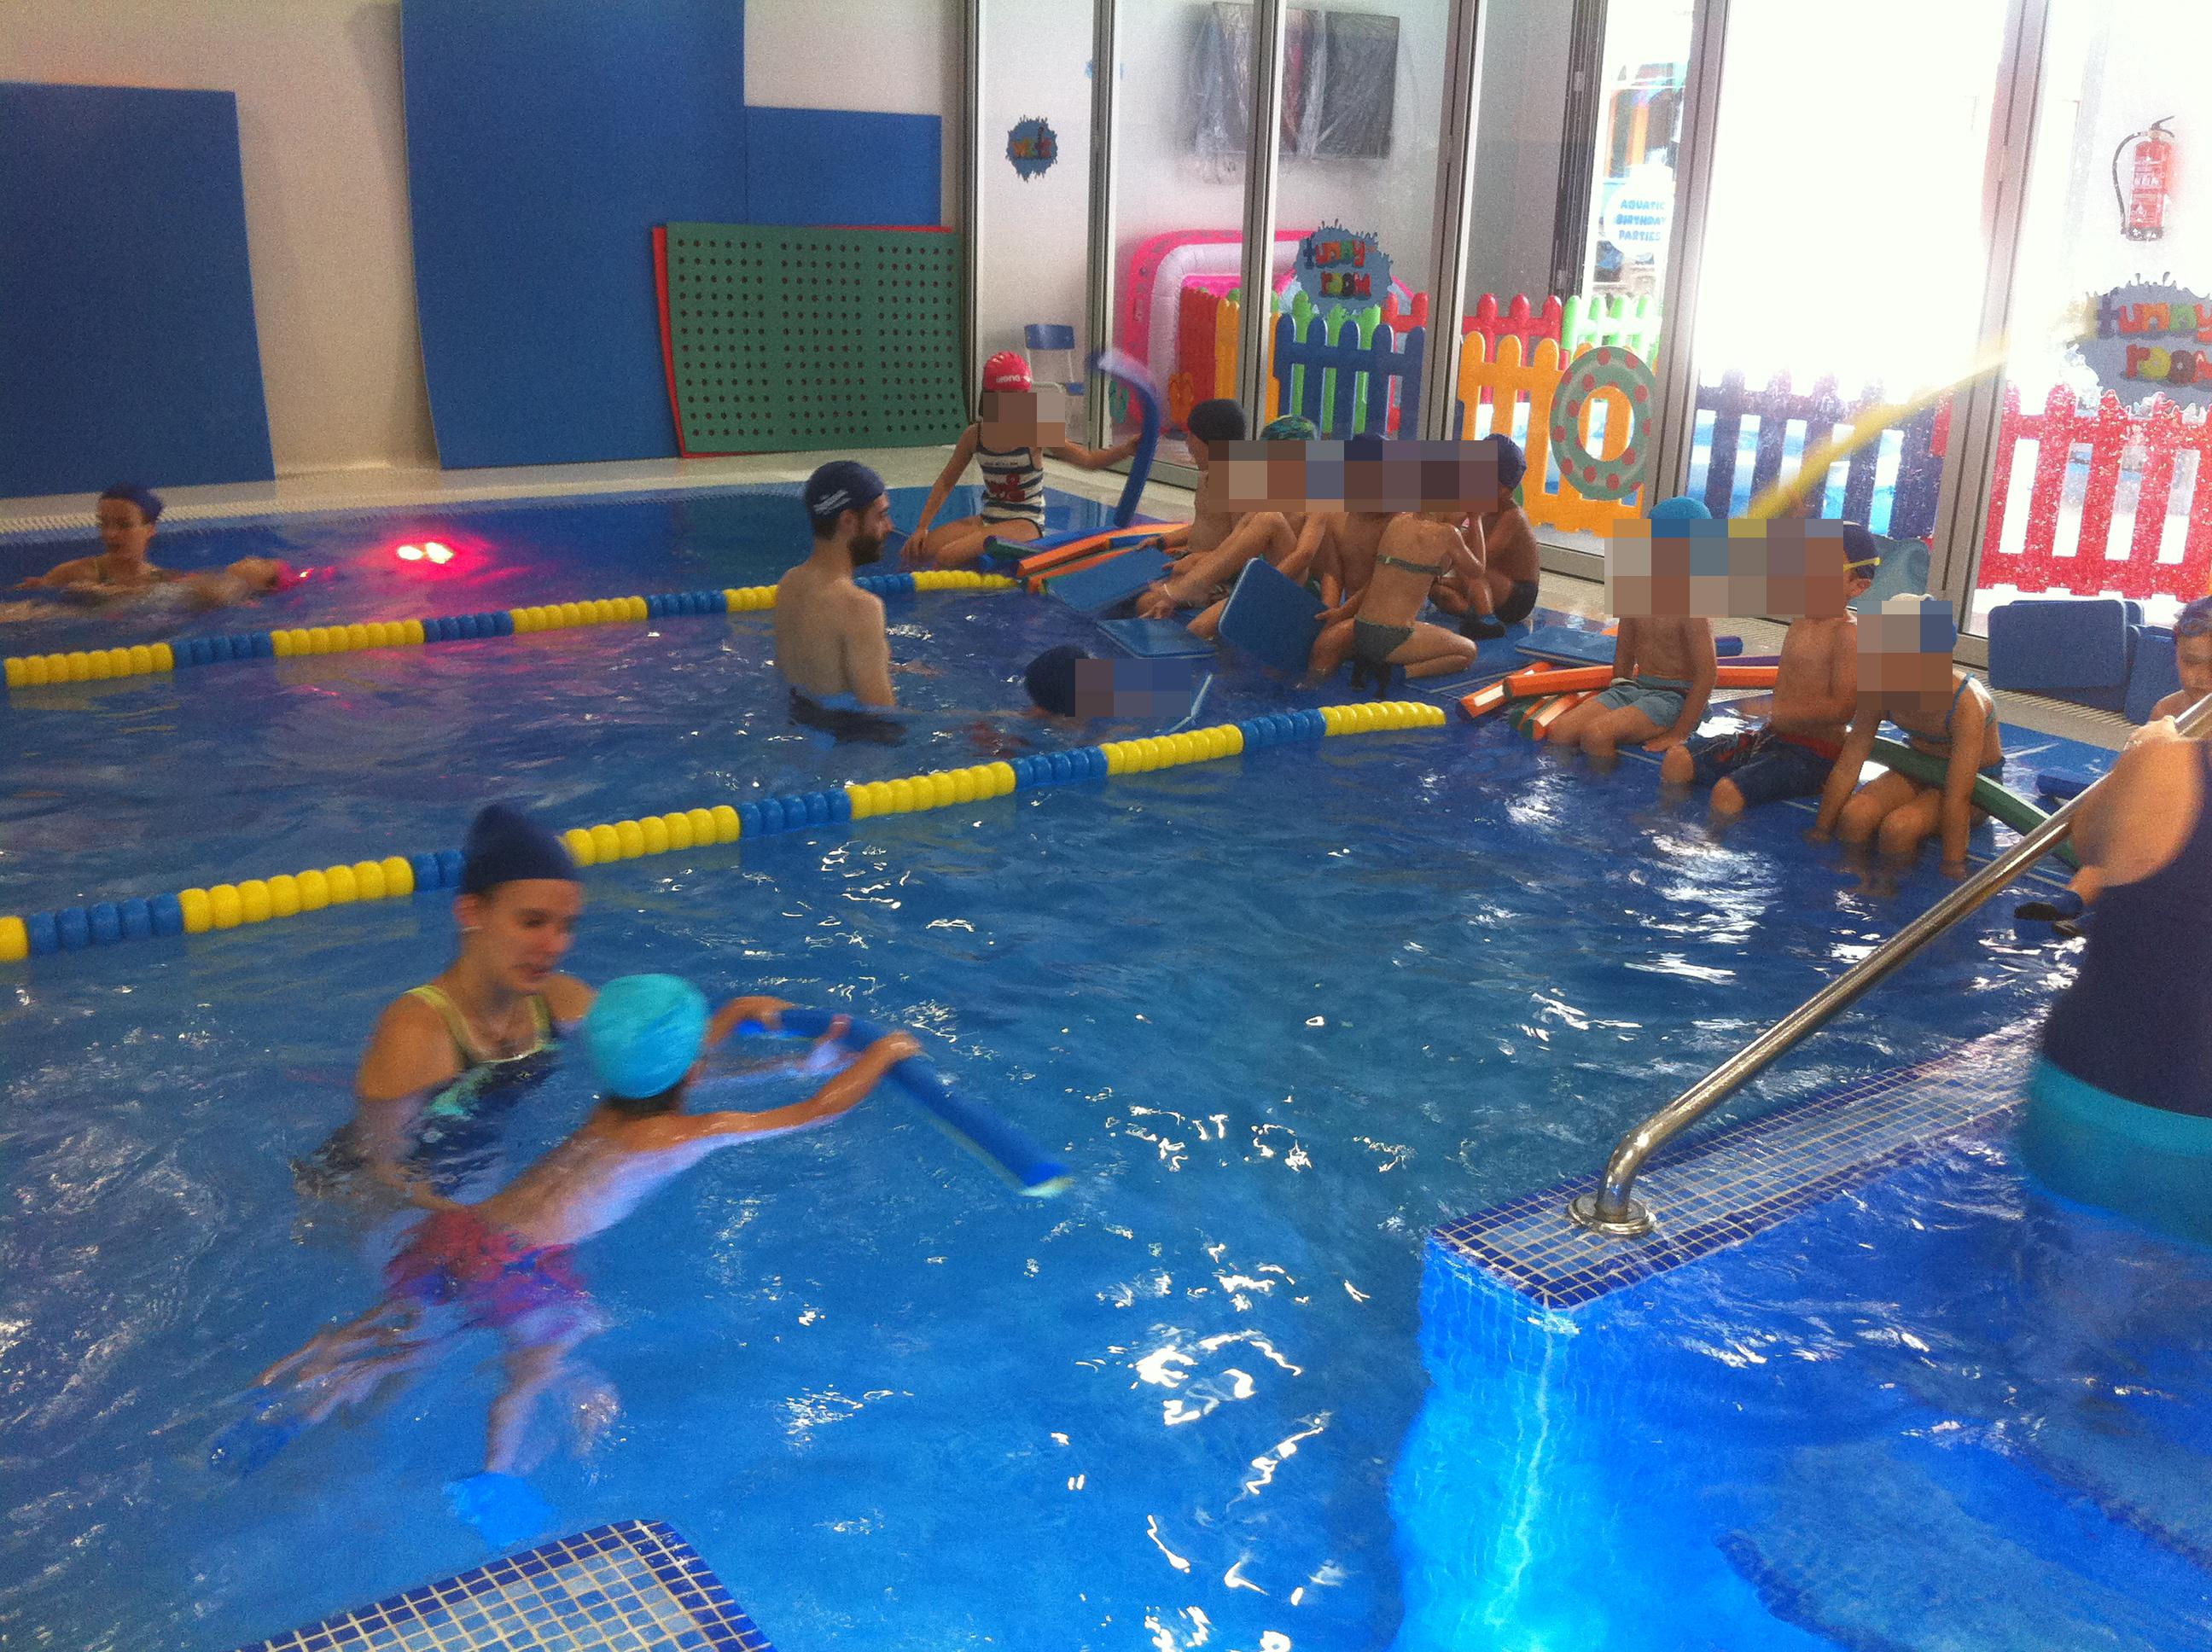 Aprender A Nadar Debe Ser Divertidono Puede Generar Traumas